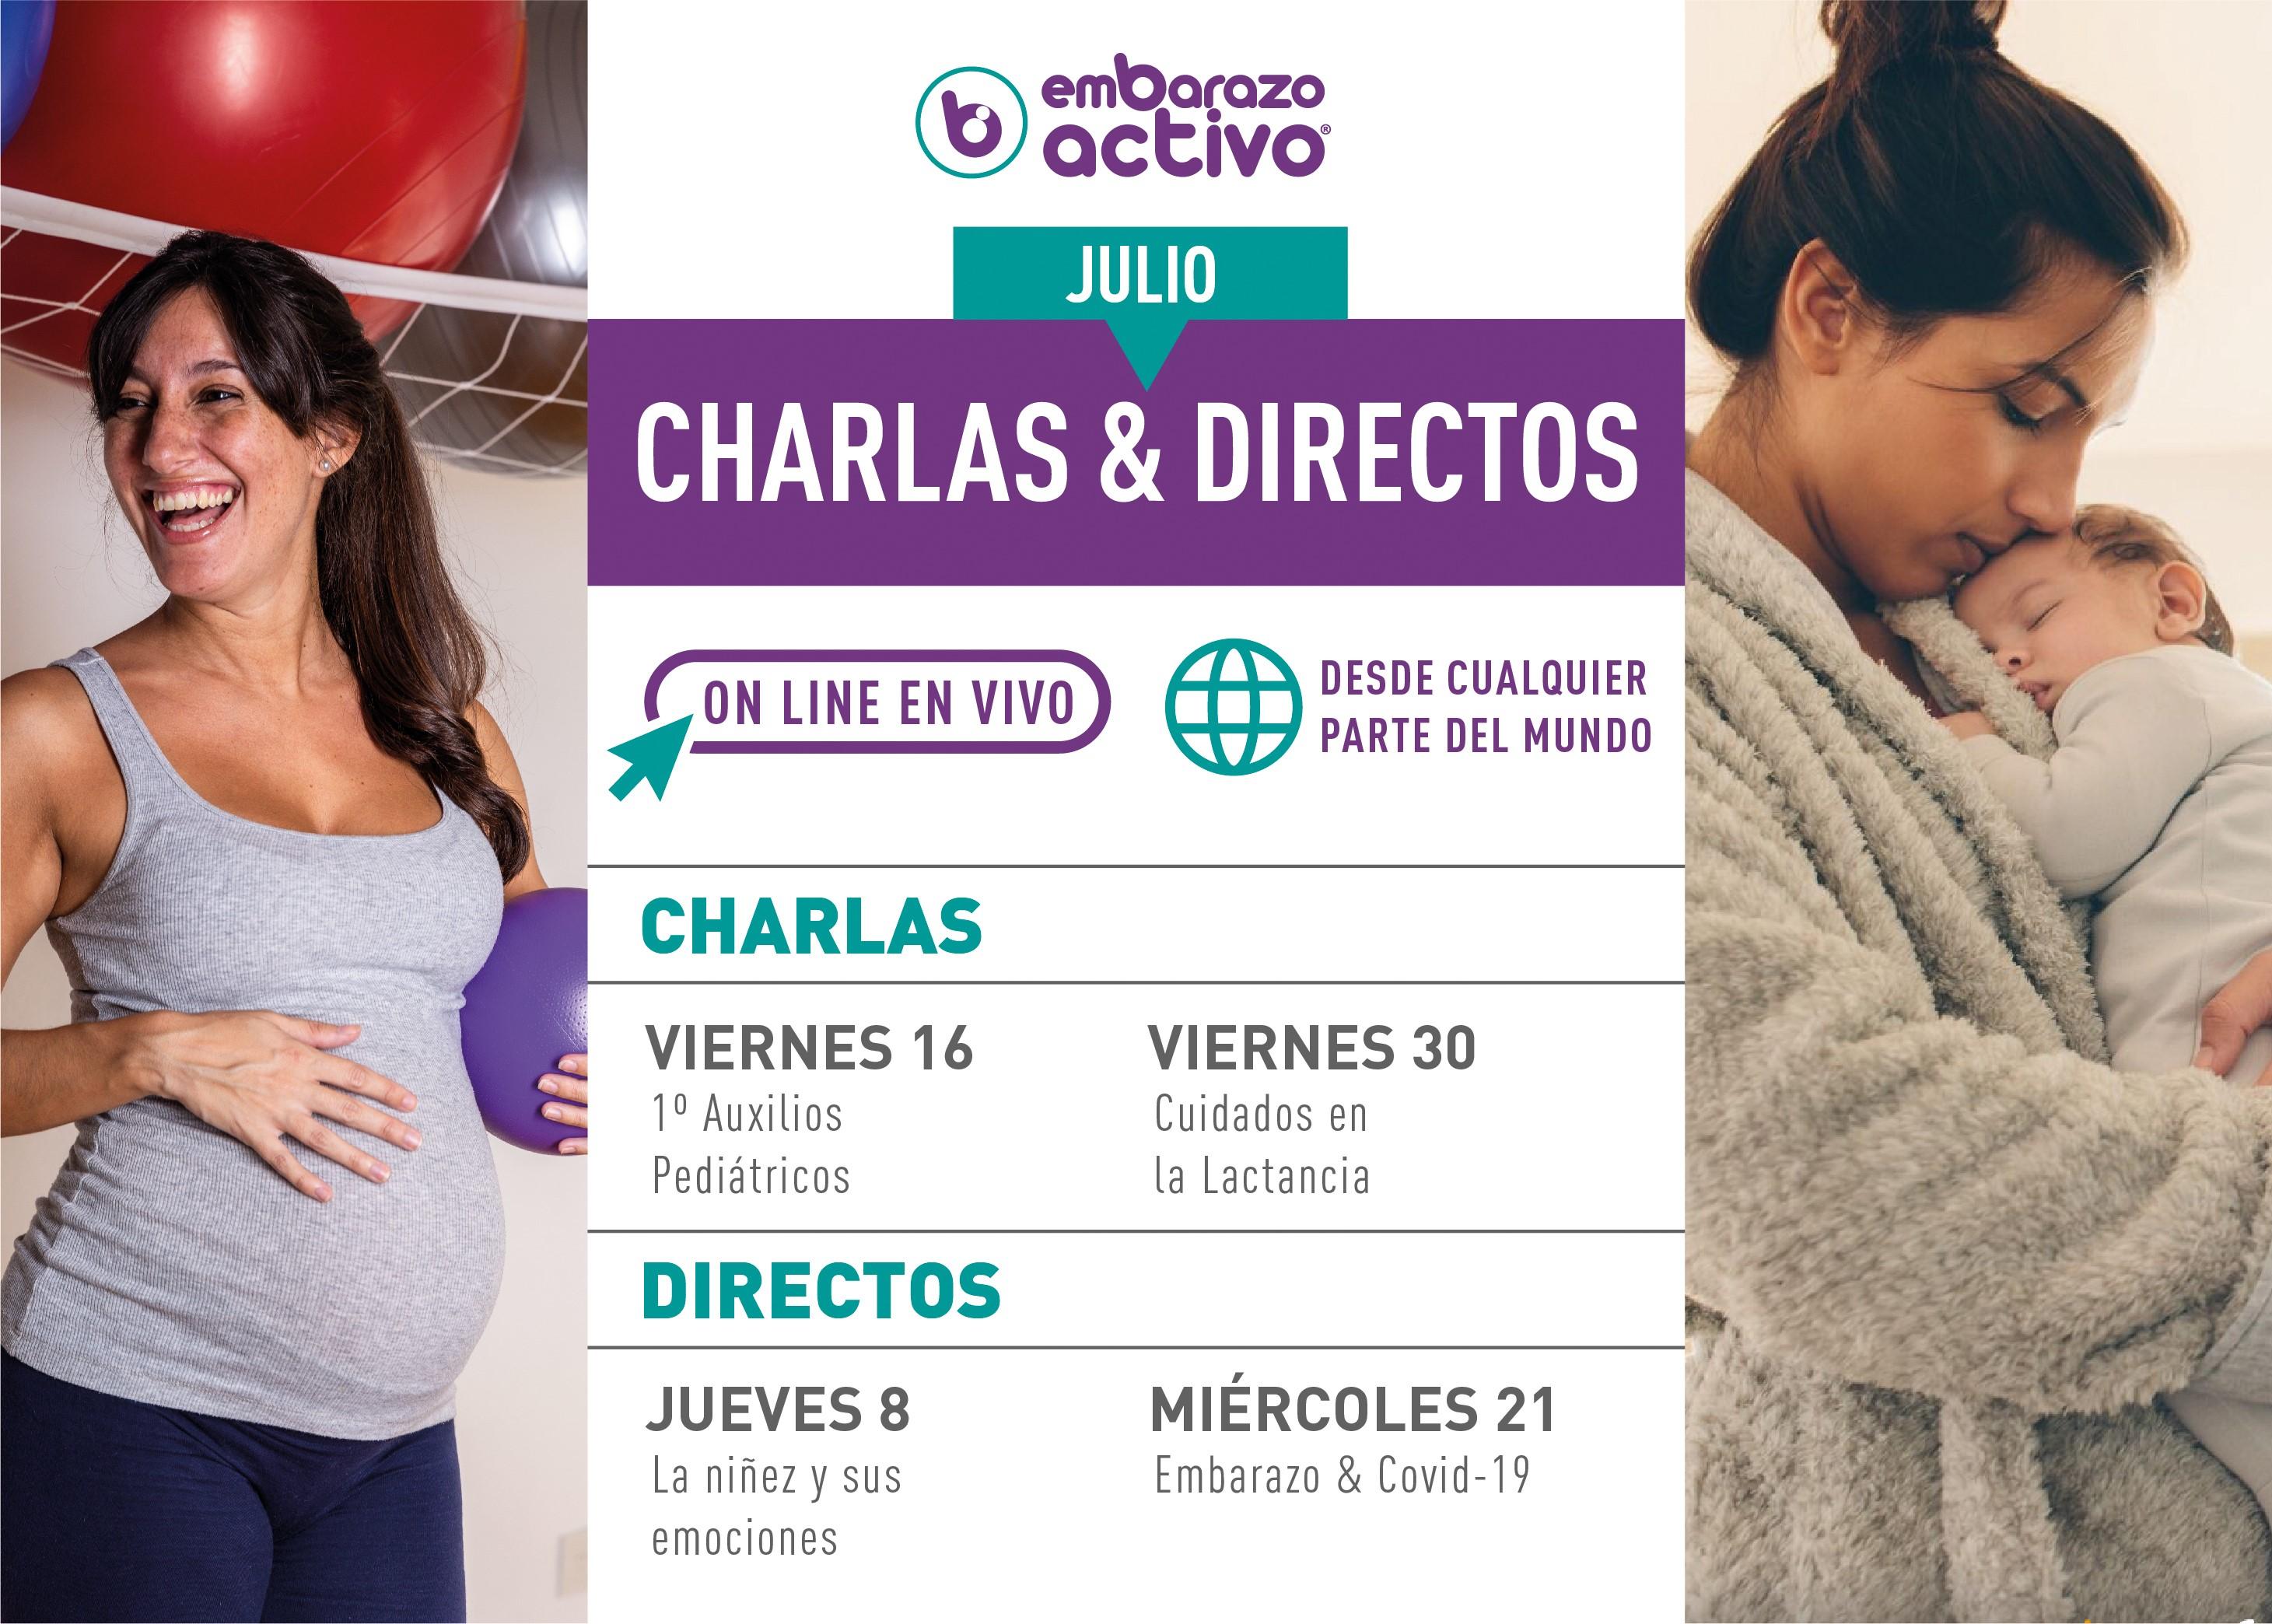 'Embarazo y Covid-19', uno de los directos programados por Embarazo Activo